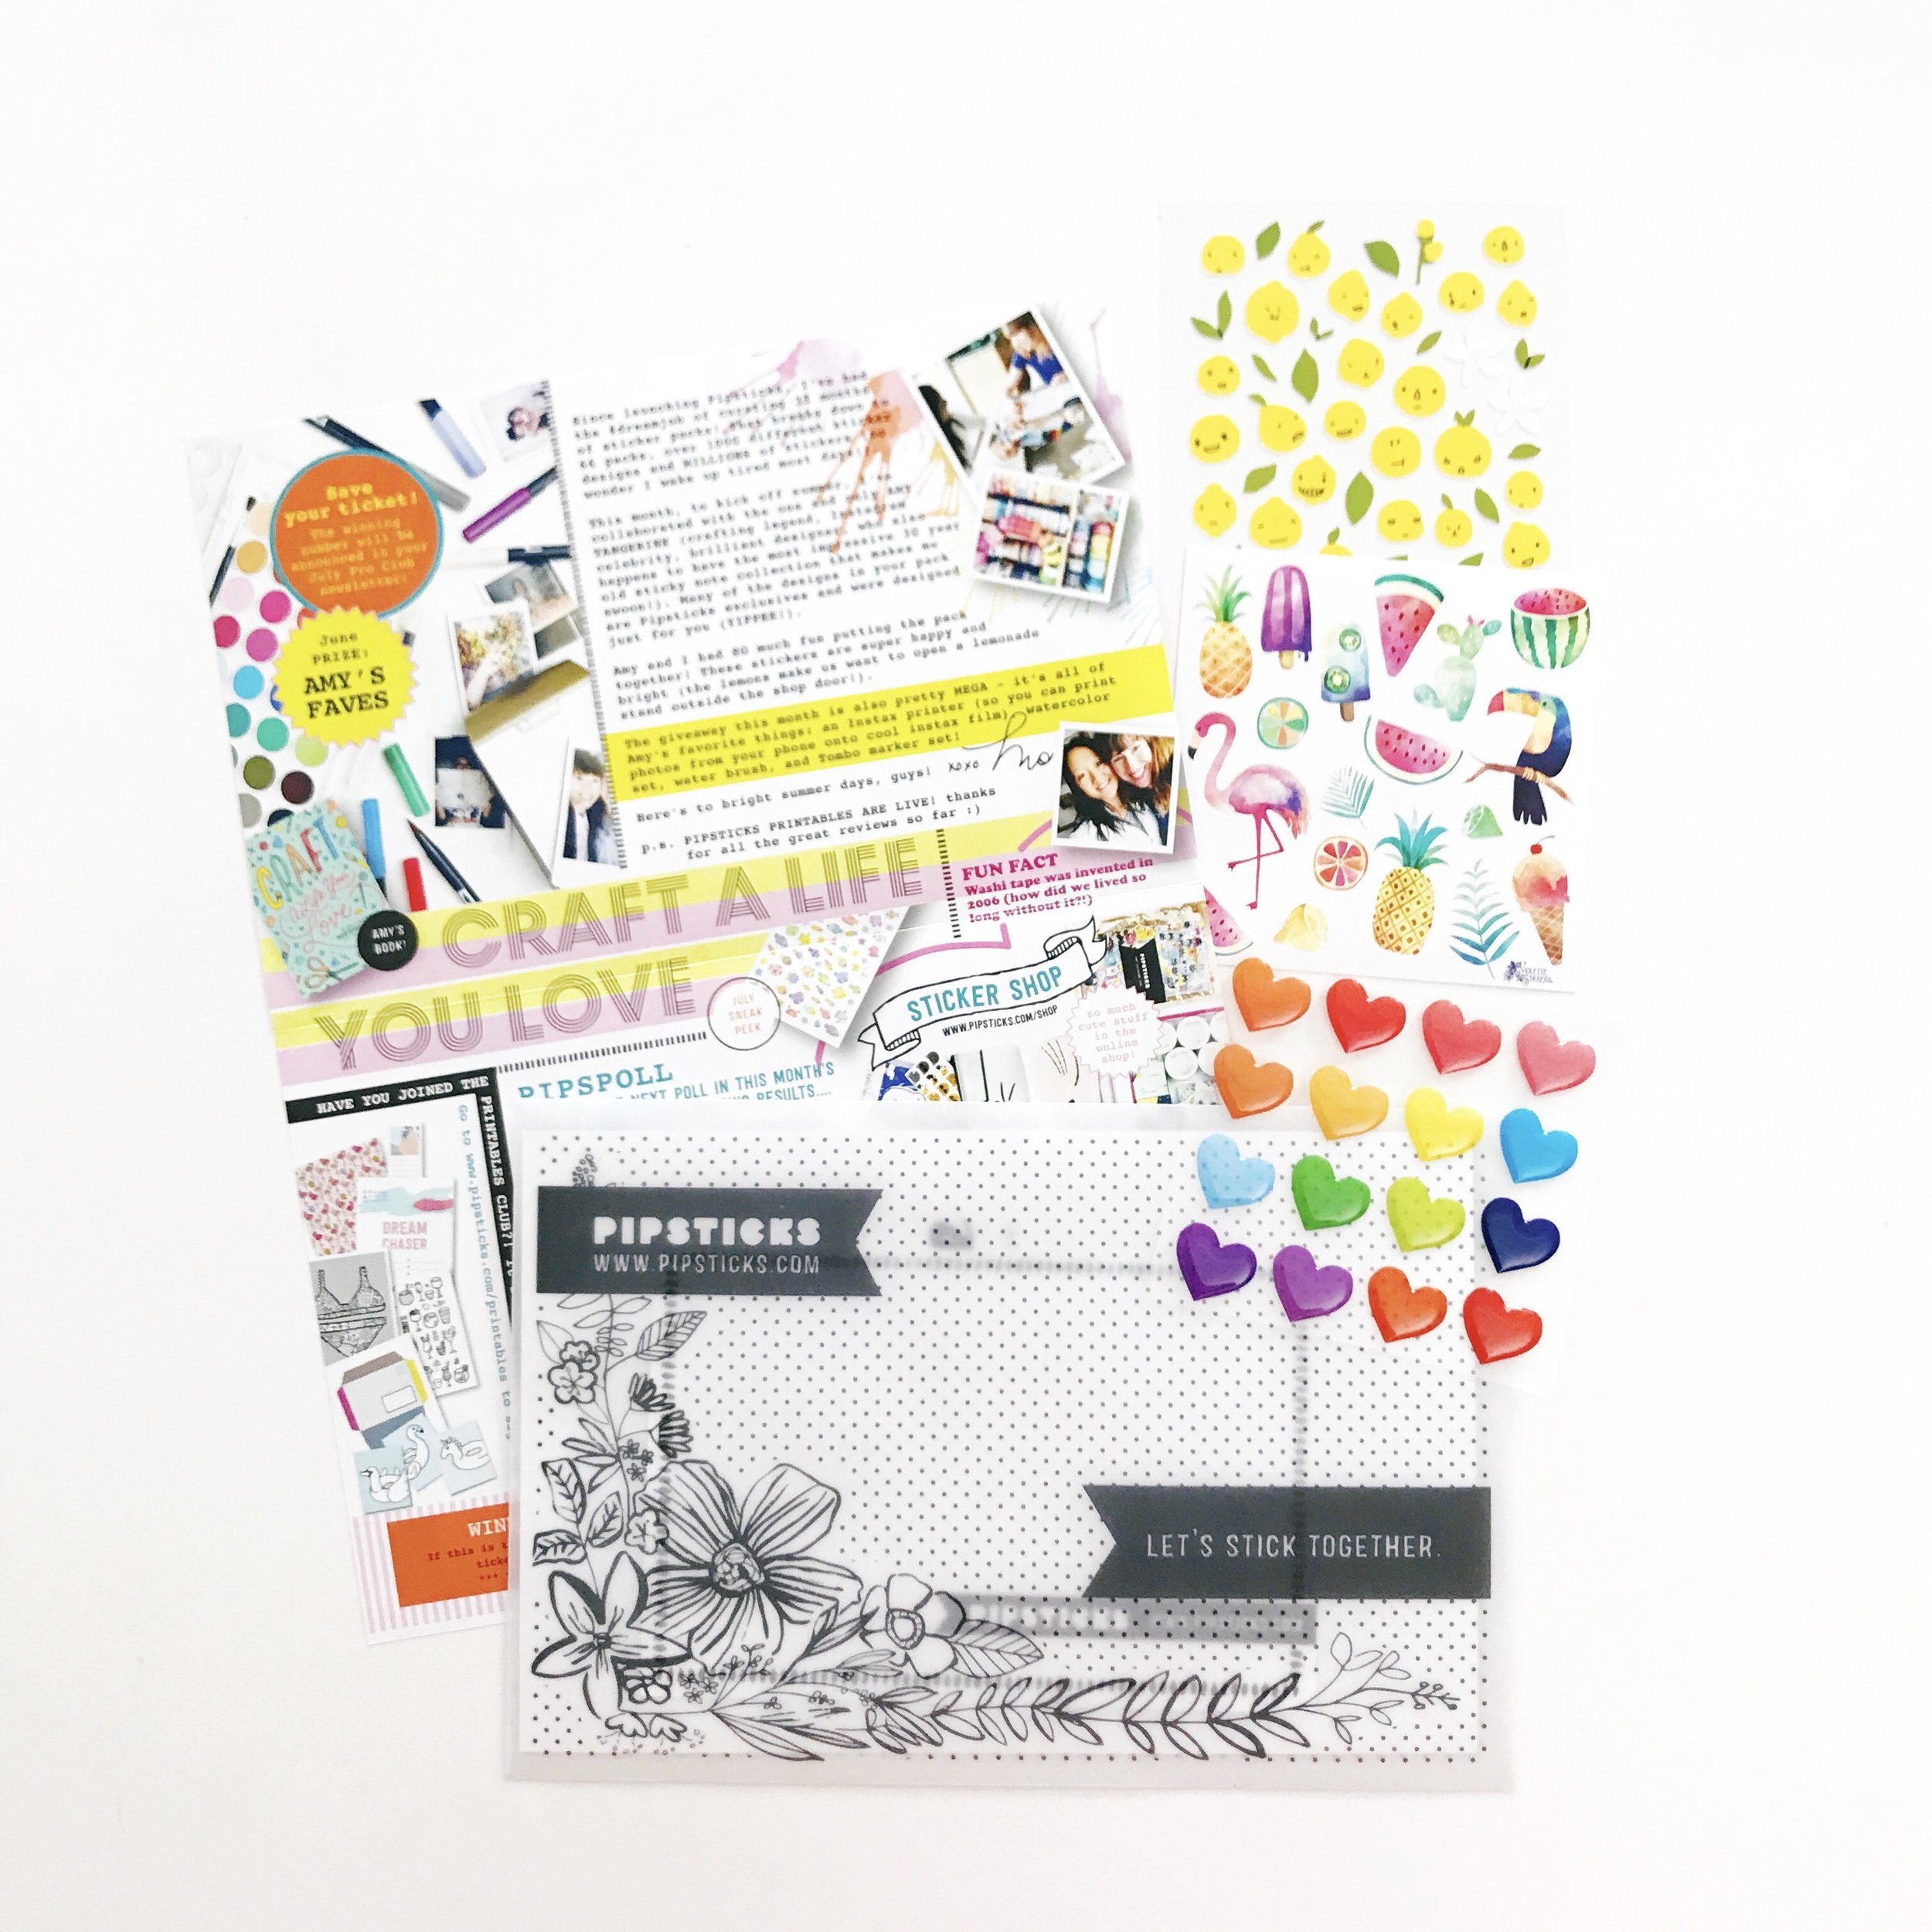 Pipsticks June kit